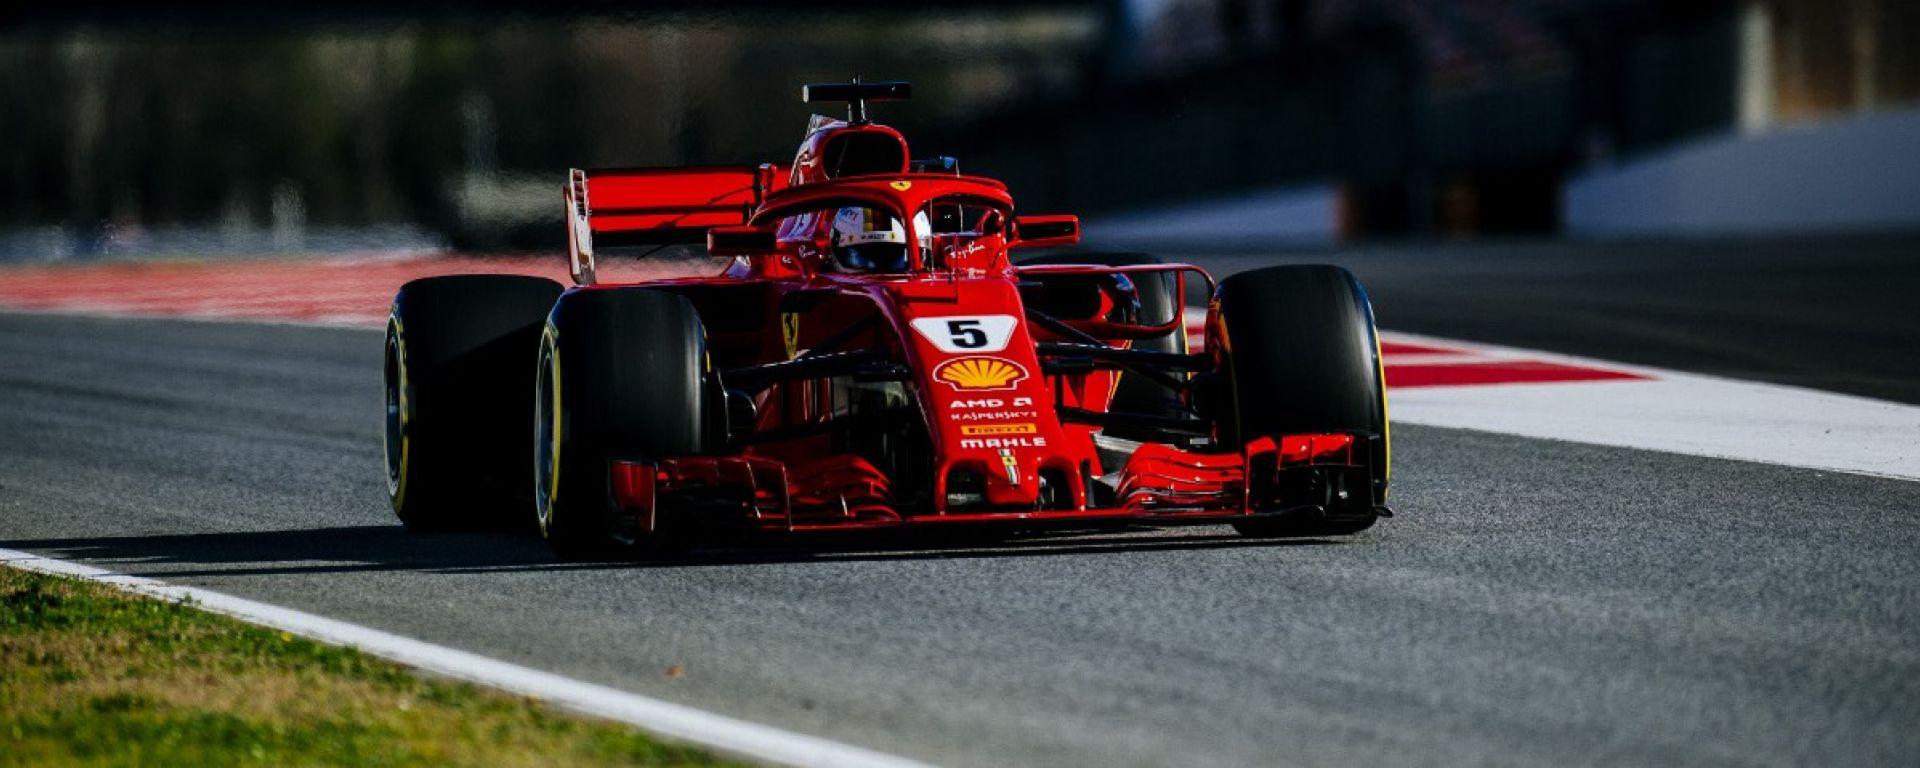 F1 2018, Test Barcellona 2: le più belle immagini della Ferrari SF71H